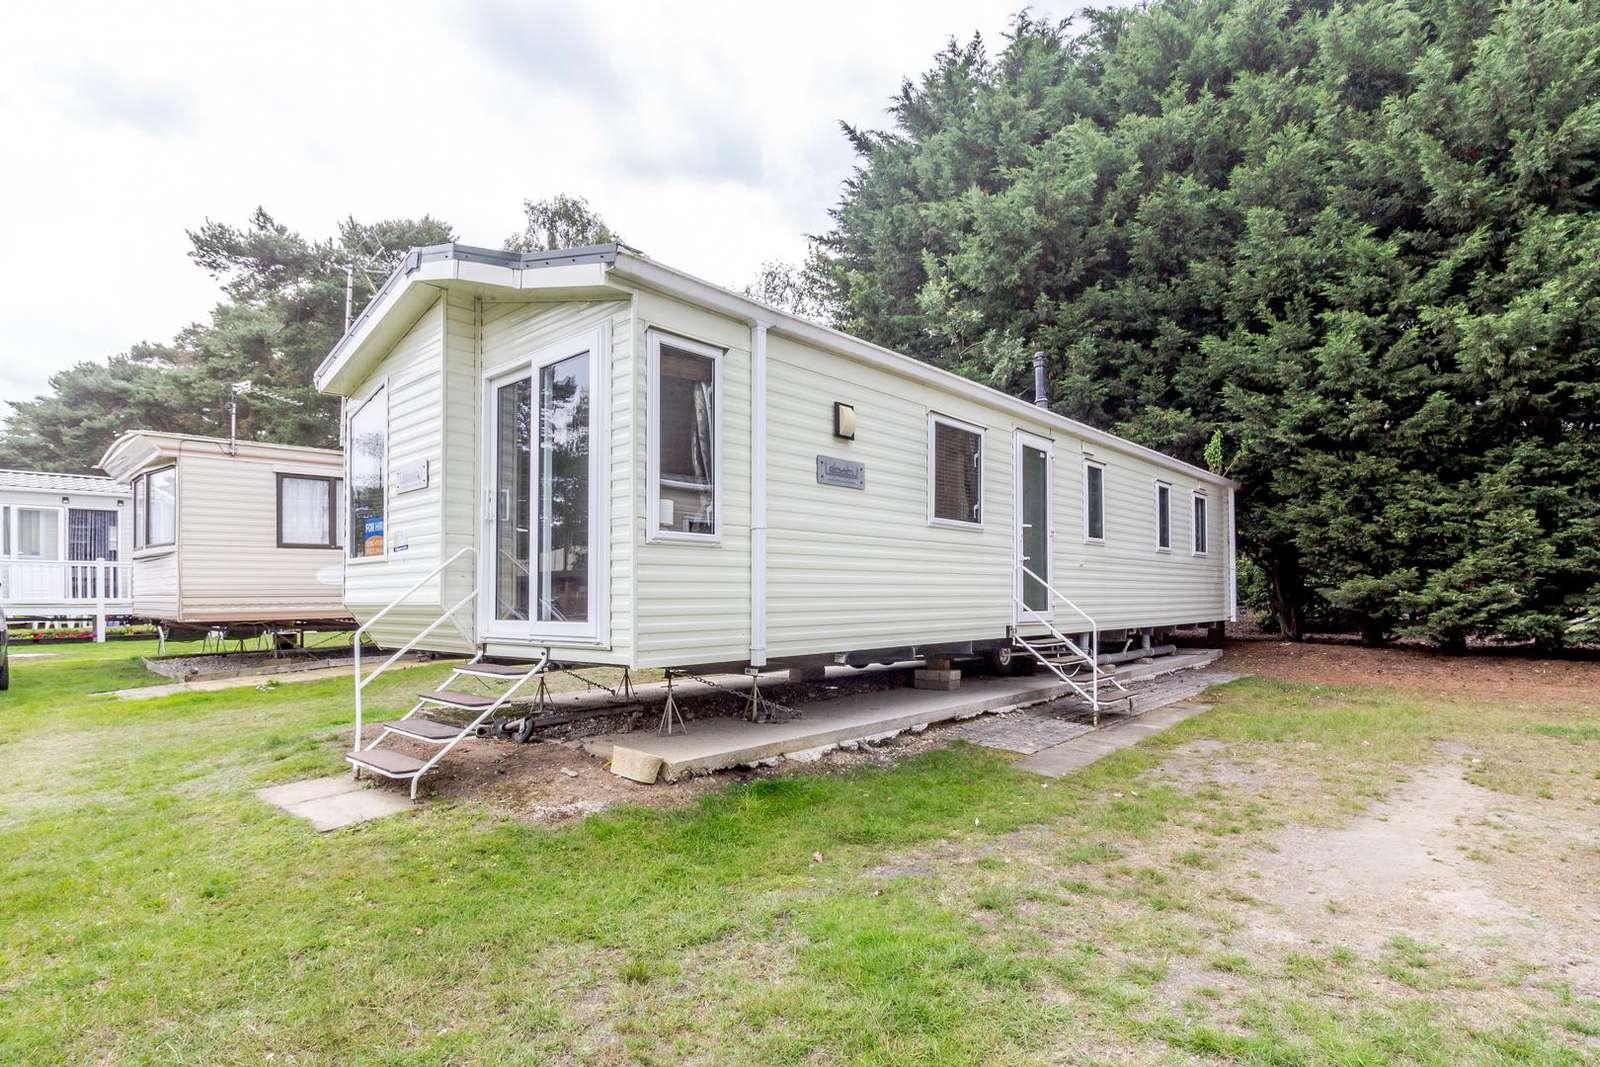 11143WC – Widgeon Court, 3 bed, 8 berth caravan. Diamond rated. - property